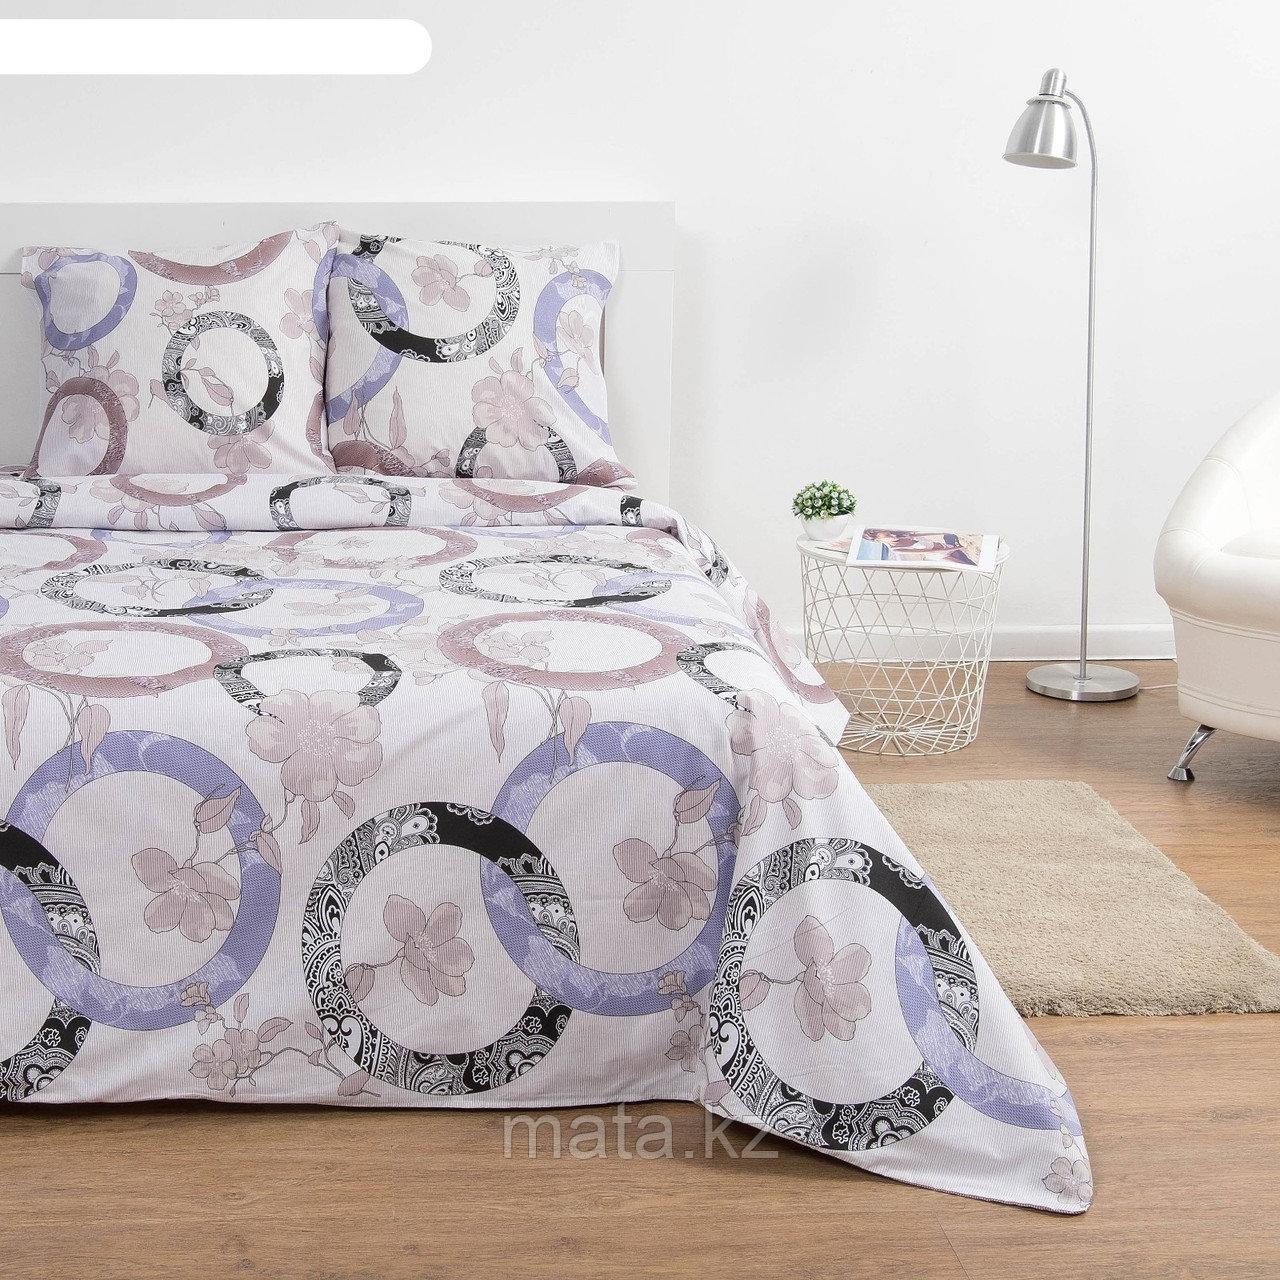 Комплект постельного белья двухспальный 100% хлопок